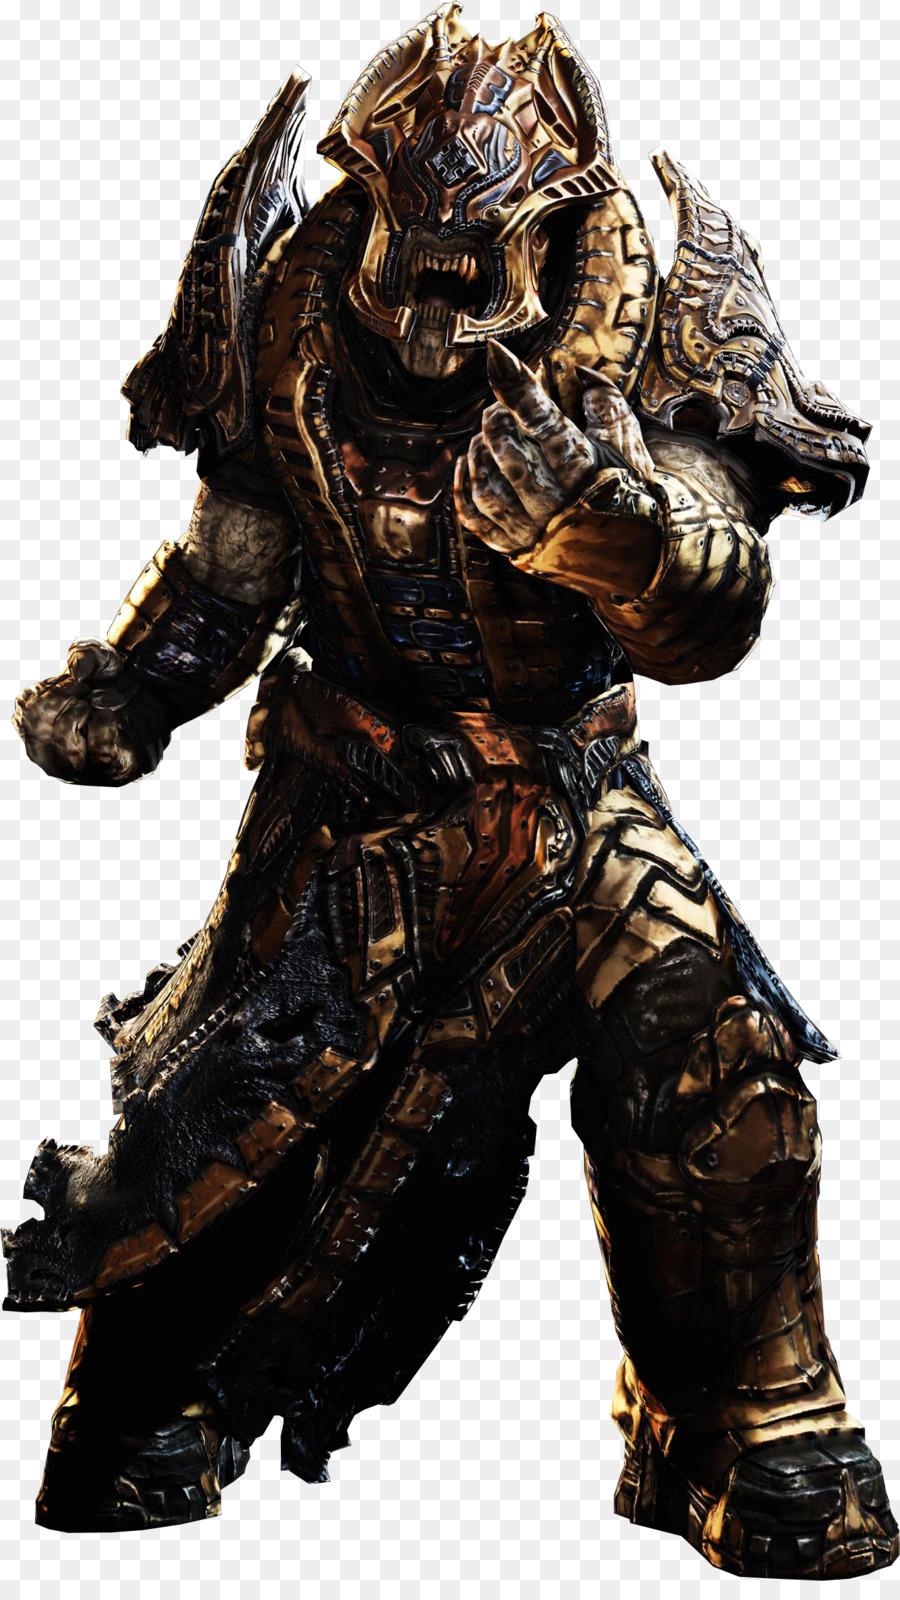 Descarga gratuita de Gears Of War 4, Gears Of War 3, Gears Of War 2 imágenes PNG